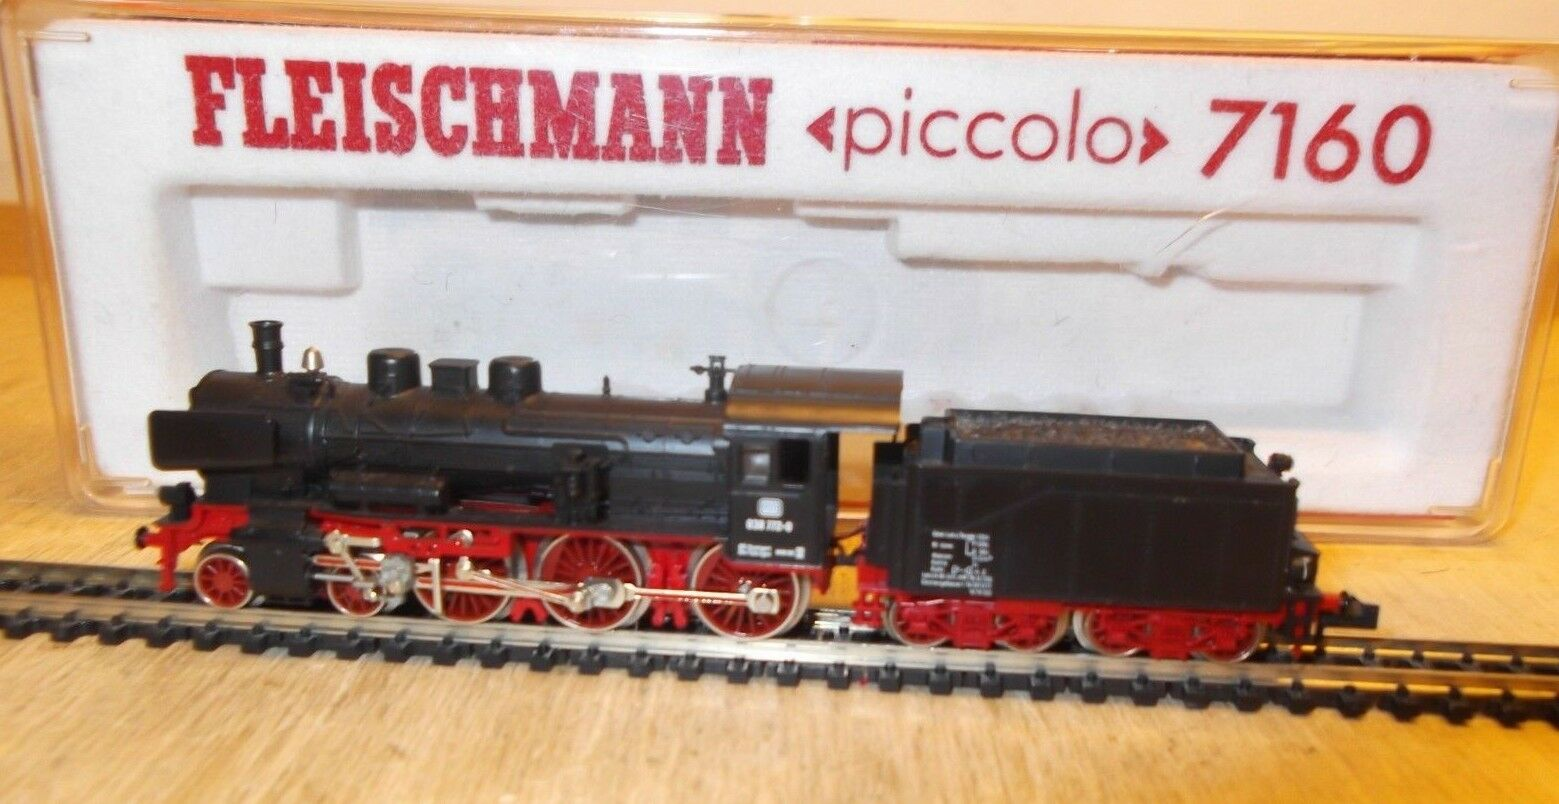 Fleischmann N 7160 locomotiva BR 38 1366 delle DB esaminato la prima classe in scatola originale